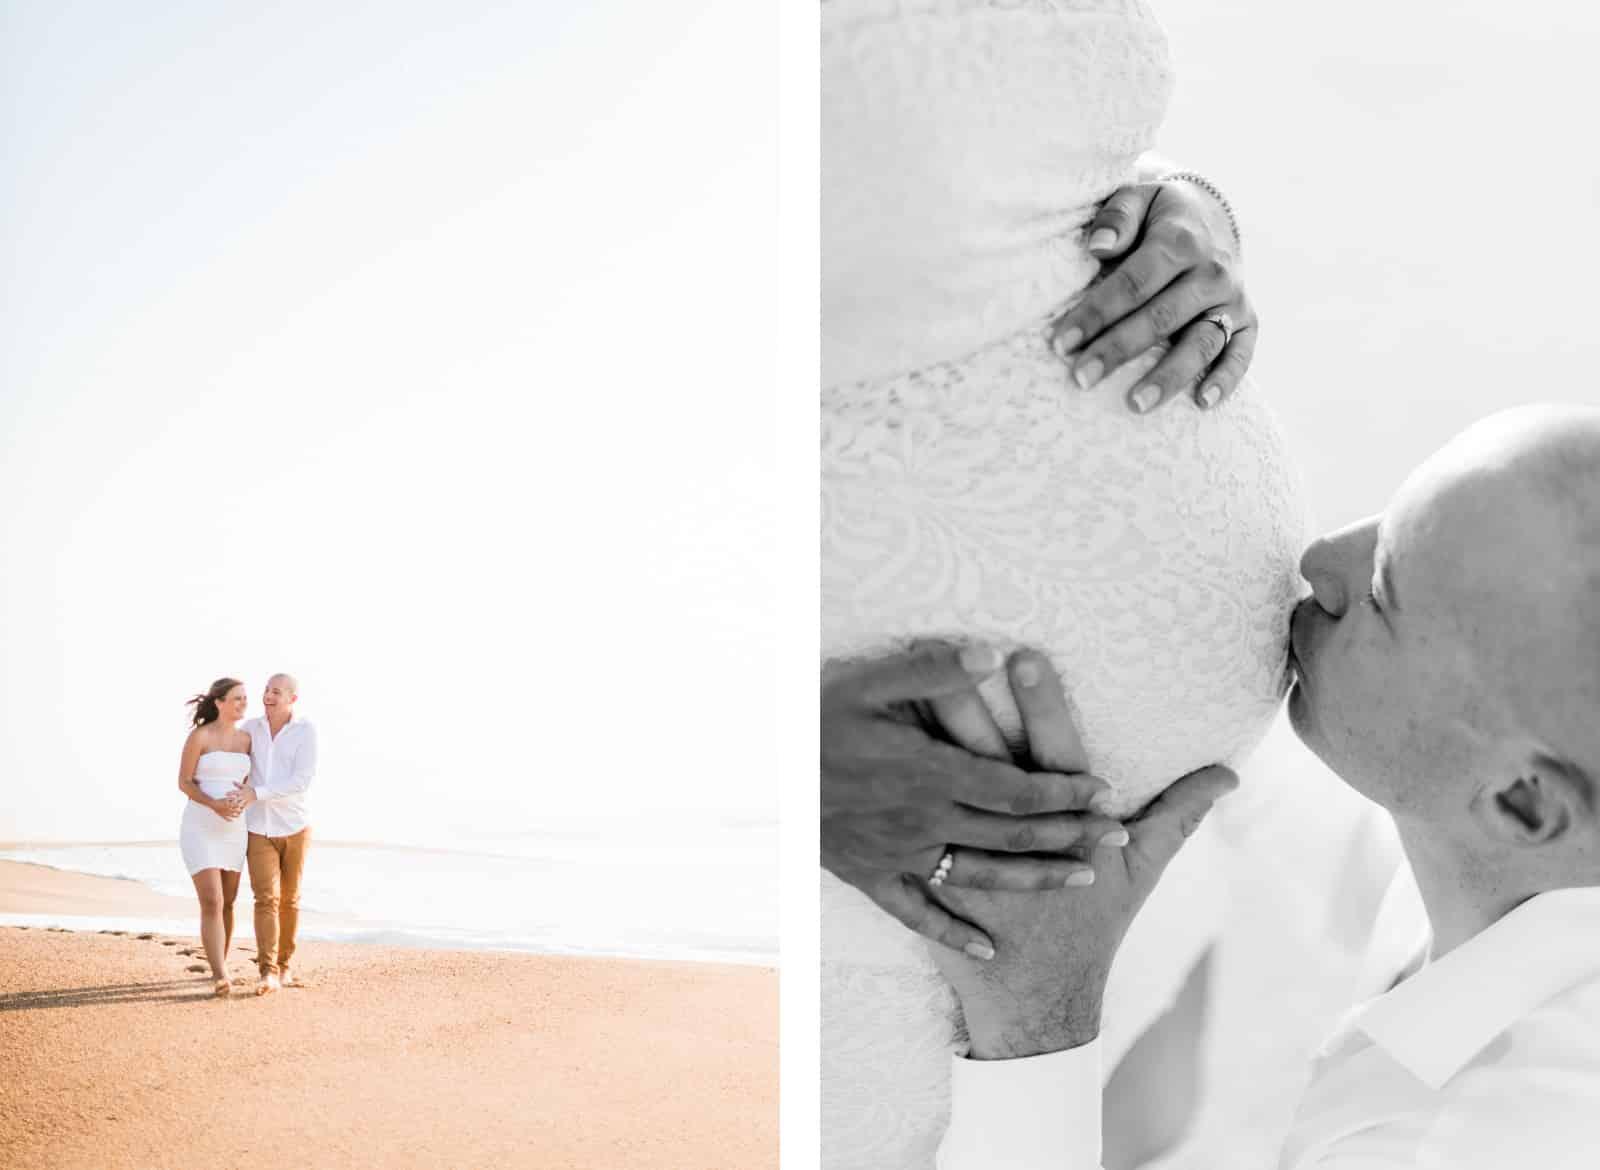 Photographie de Mathieu Dété, photographe de couple et grossesse sur l'île de la Réunion 974, présentant le père faisant un bisou sur le vendre rond de la mère